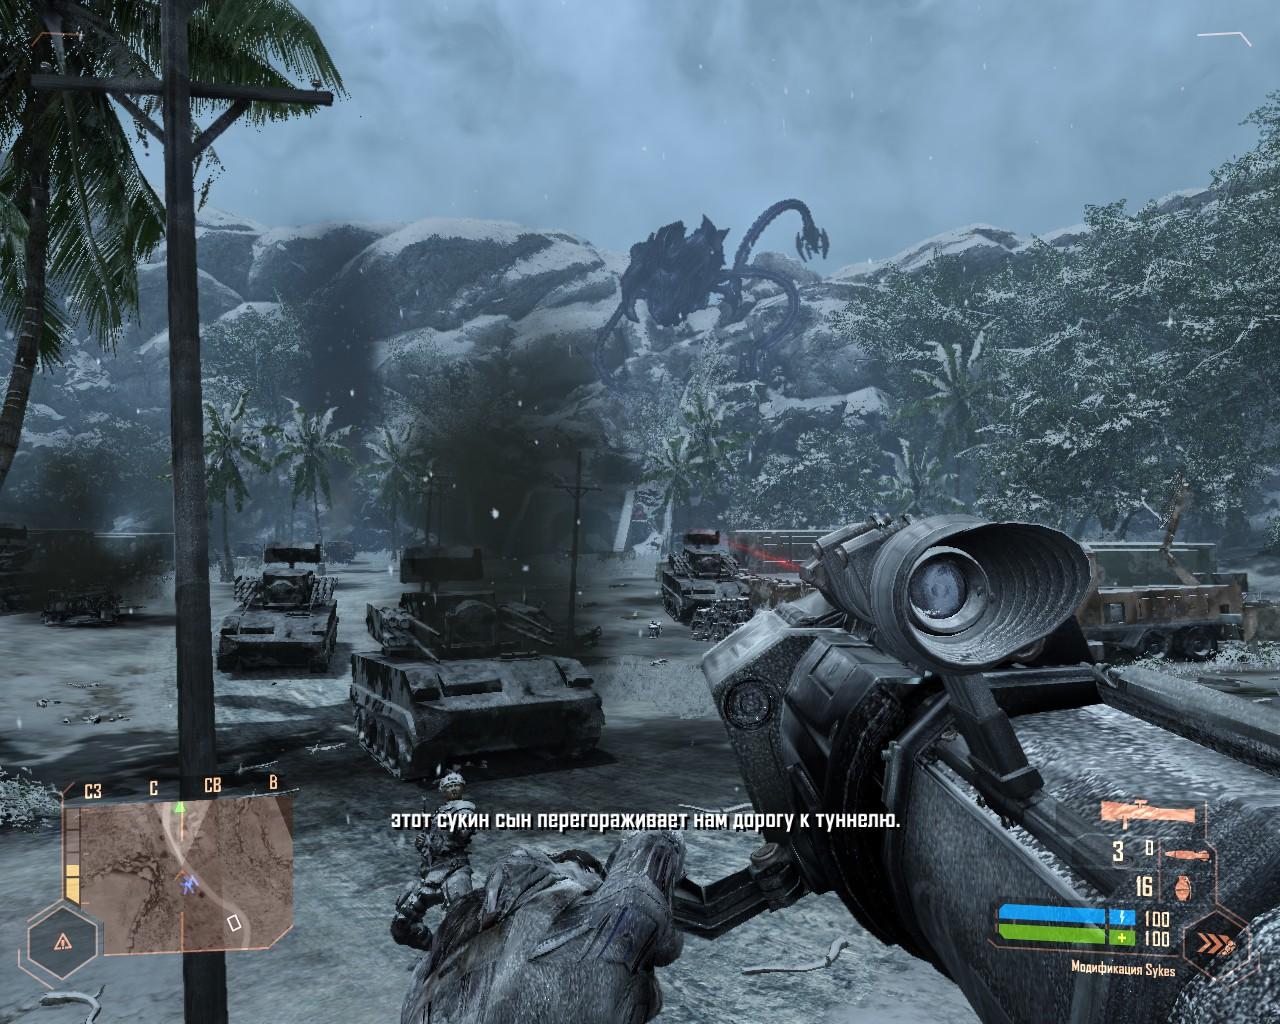 Crysis64 2014-08-16 17-58-24-70.jpg - Crysis Warhead